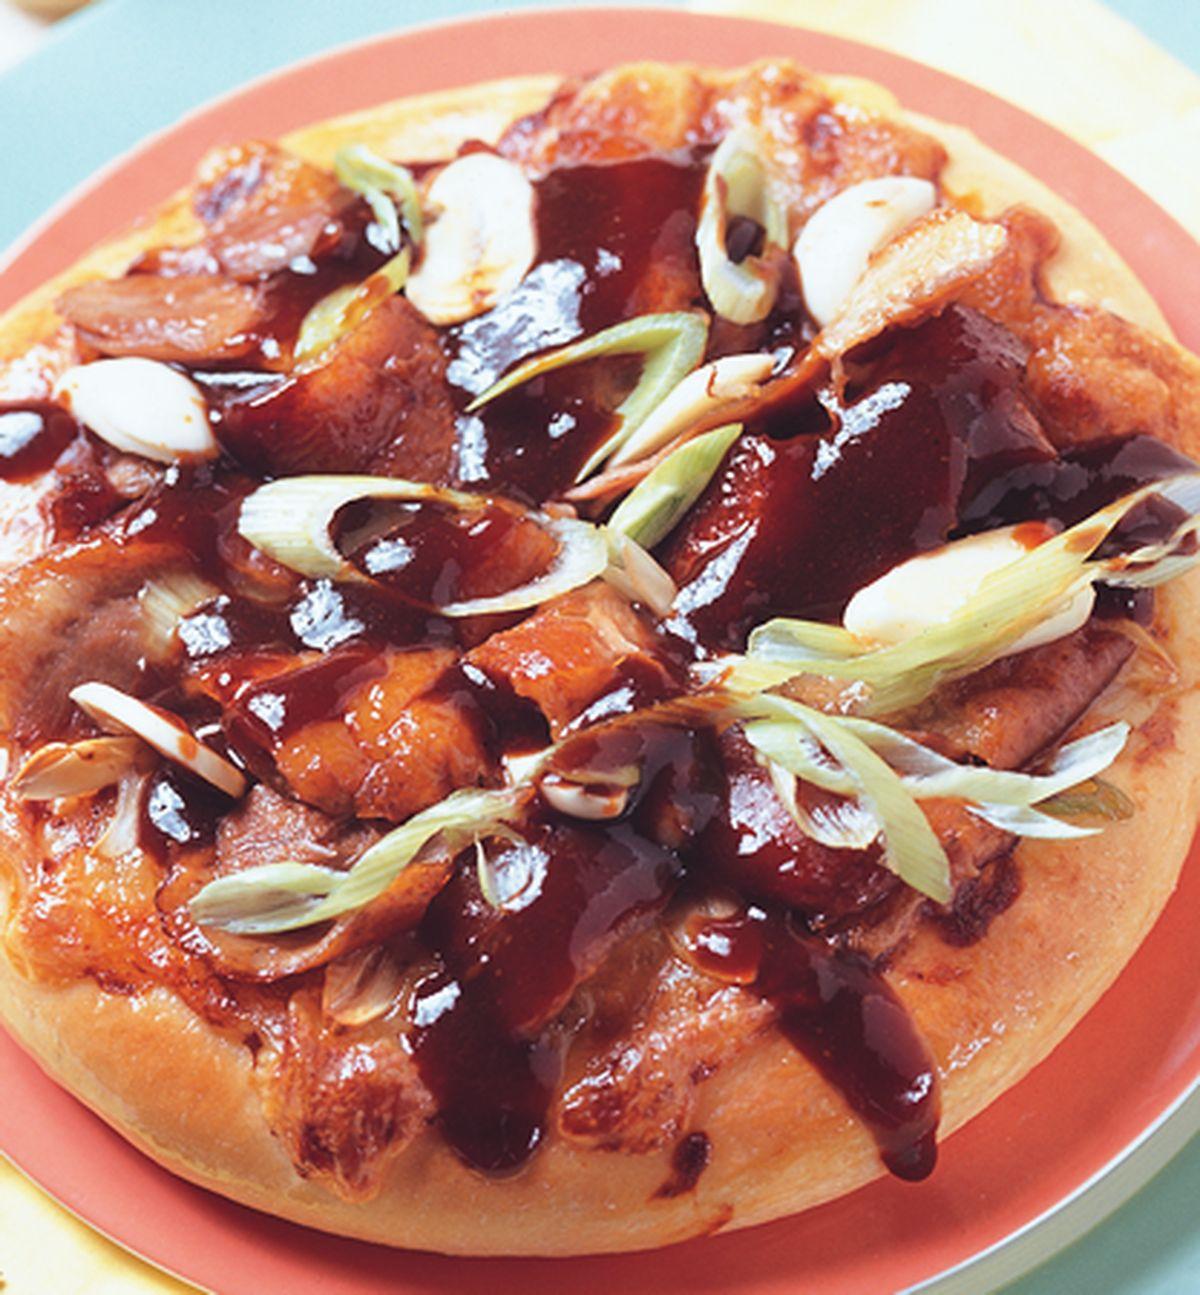 【食譜】北京烤鴨披薩:www.ytower.com.tw